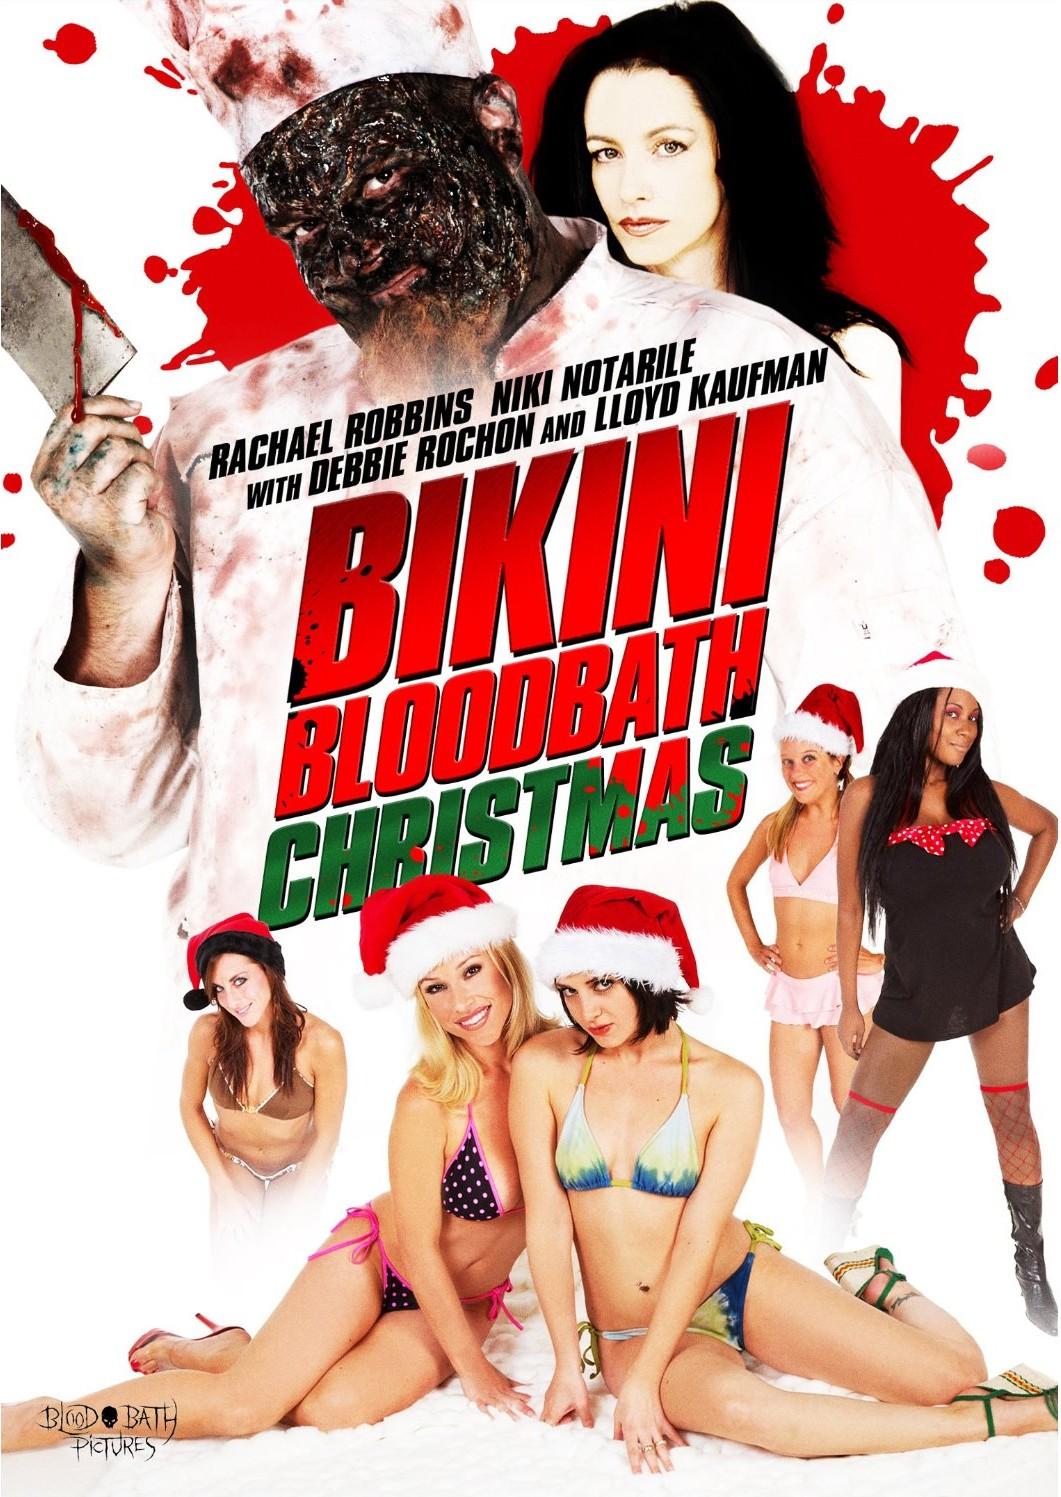 That's beautiful bikini bloodbath cast An